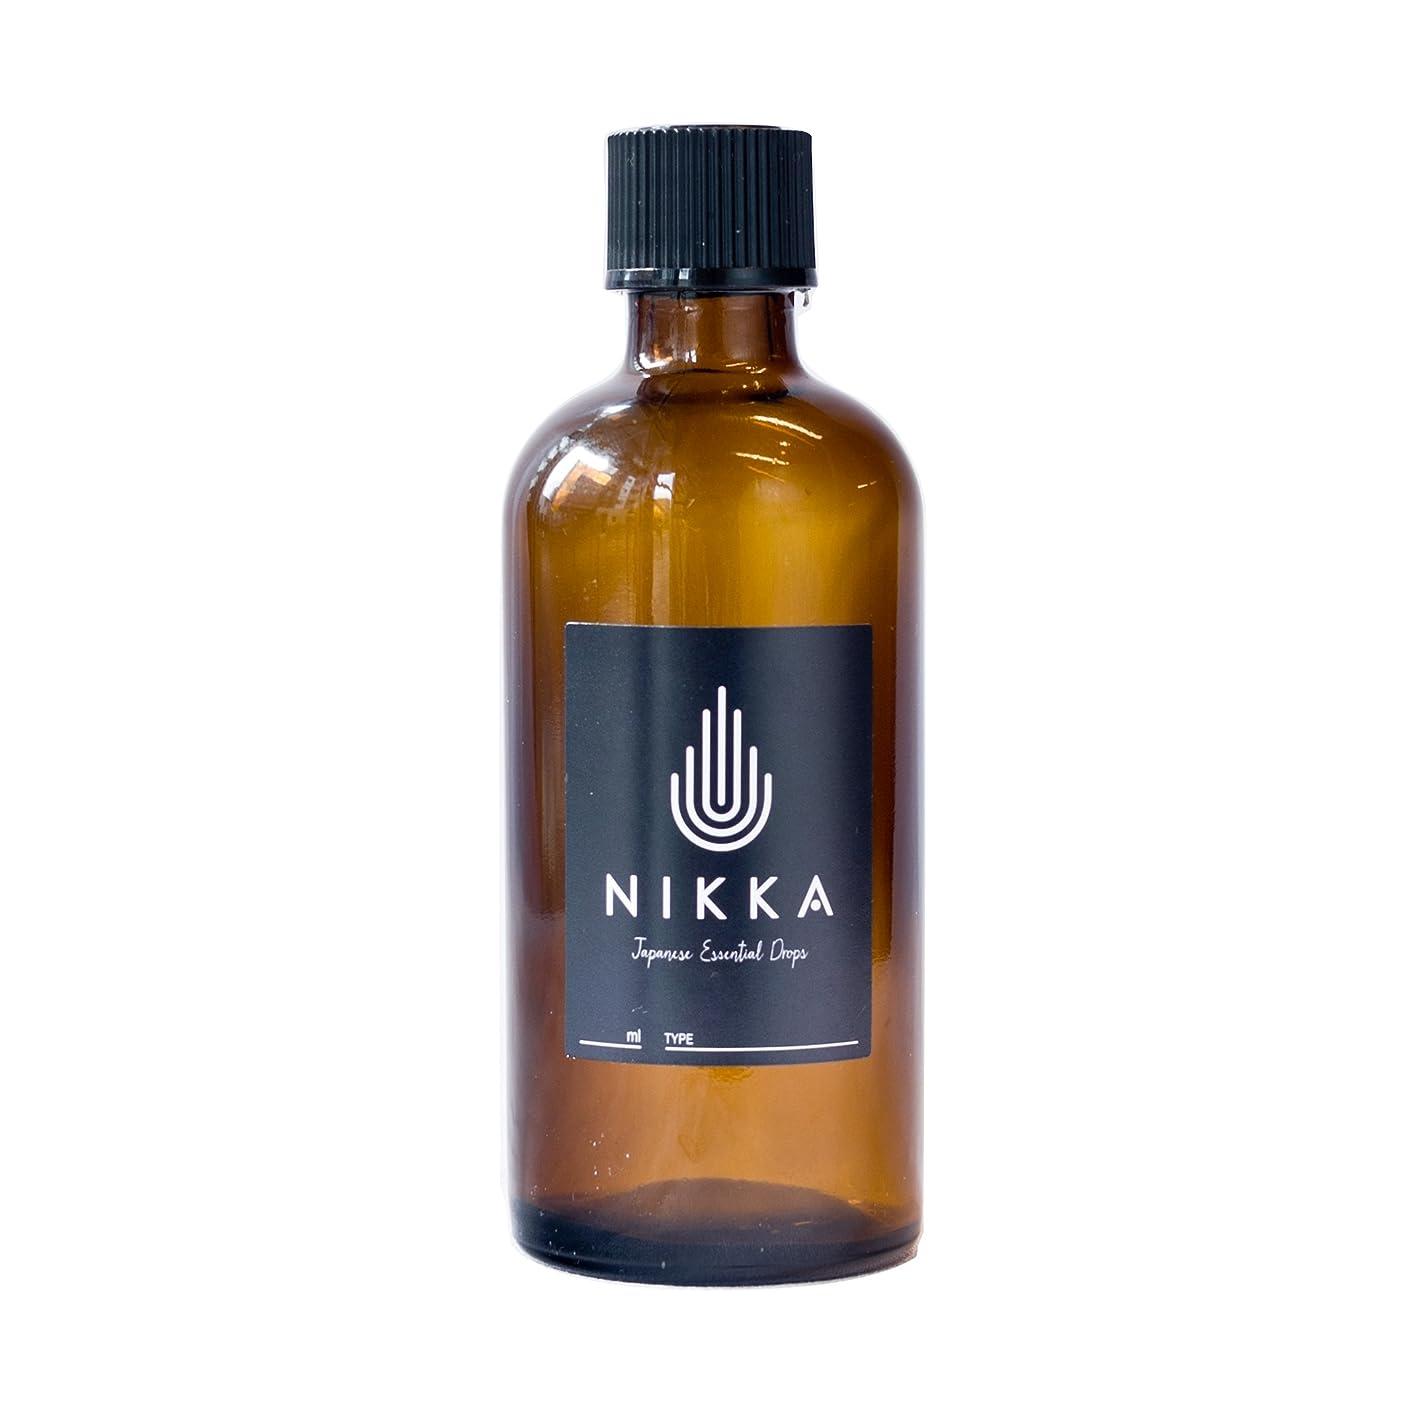 バブル究極の意味NIKKA エッセンシャルオイル 杉葉 100ml